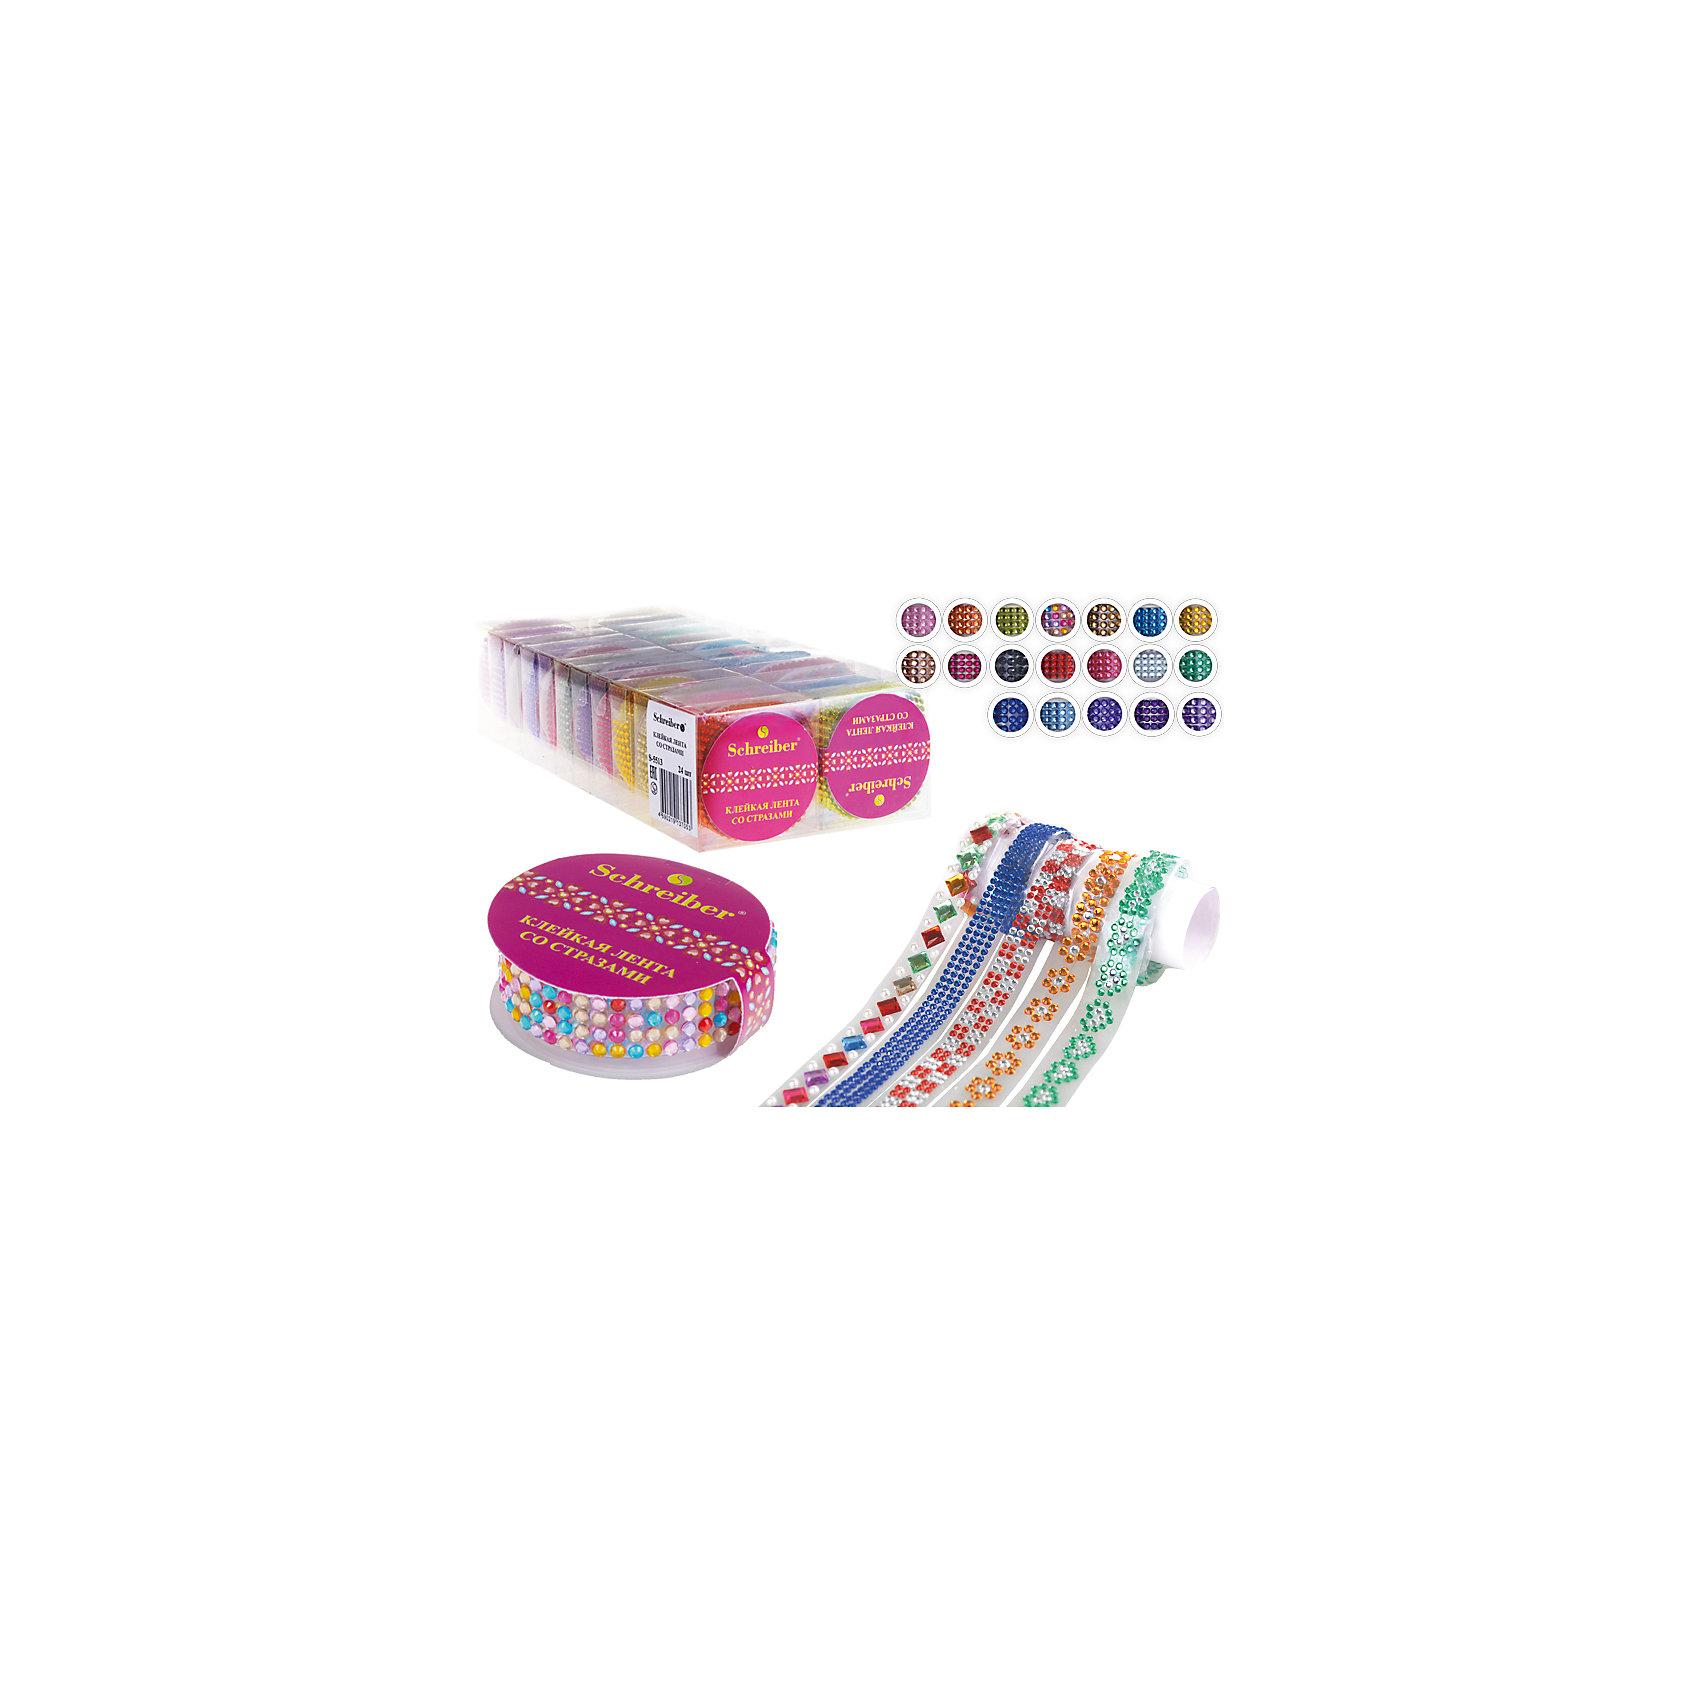 Клейкая лента со cтразами 0,5 м (24 цвета в ассортименте)Клейкая лента со cтразами 0,5 м (24 цвета в ассортименте) от известного торгового бренда канцелярских товаров и товаров для творчества TUKZAR. Клейкая лента является идеальным вариантом для декорирования поделок, оформления подарочной упаковки или в качестве стильного аксессуара для маскарадного костюма. Эта декоративная лента выполнена на прочной клеевой основе, в ассортименте имеются 24 цвета.<br><br>Дополнительная информация:<br><br>- Предназначение: для творческих занятий, оформительских работ и декорирования<br>- Материал: текстиль, акрил<br>- Комплектация: 24 цвета в ассортименте<br>- Упаковка: блистер<br><br>Подробнее:<br><br>• Для детей в возрасте: от 5 лет <br>• Страна производитель: Китай<br>• Торговый бренд: TUKZAR<br><br>Клейкую ленту со cтразами 0,5 м (24 цвета в ассортименте) можно купить в нашем интернет-магазине.<br><br>Ширина мм: 50<br>Глубина мм: 50<br>Высота мм: 20<br>Вес г: 50<br>Возраст от месяцев: 36<br>Возраст до месяцев: 192<br>Пол: Унисекс<br>Возраст: Детский<br>SKU: 5001392